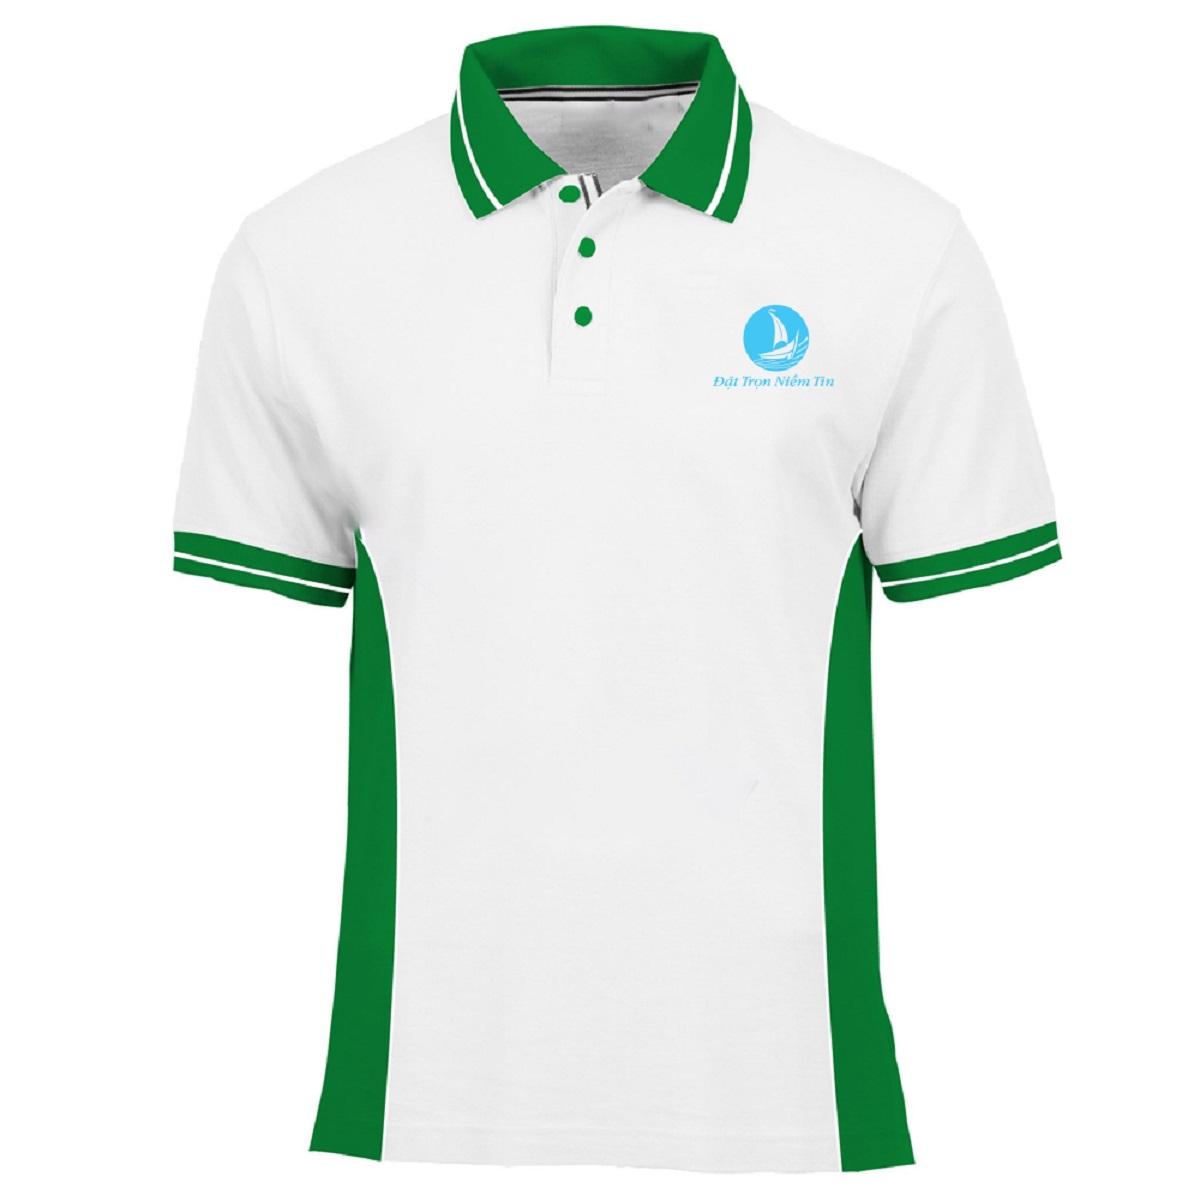 Mẫu áo thun màu trắng BO-ATDP06, với thiết kế kết hợp màu xanh ở cổ, viền tay và phần eo tạo điểm nổi bật cho áo. Ngoài ra màu trắng lại dễ kết hợp với các trang phục khác đi kèm.